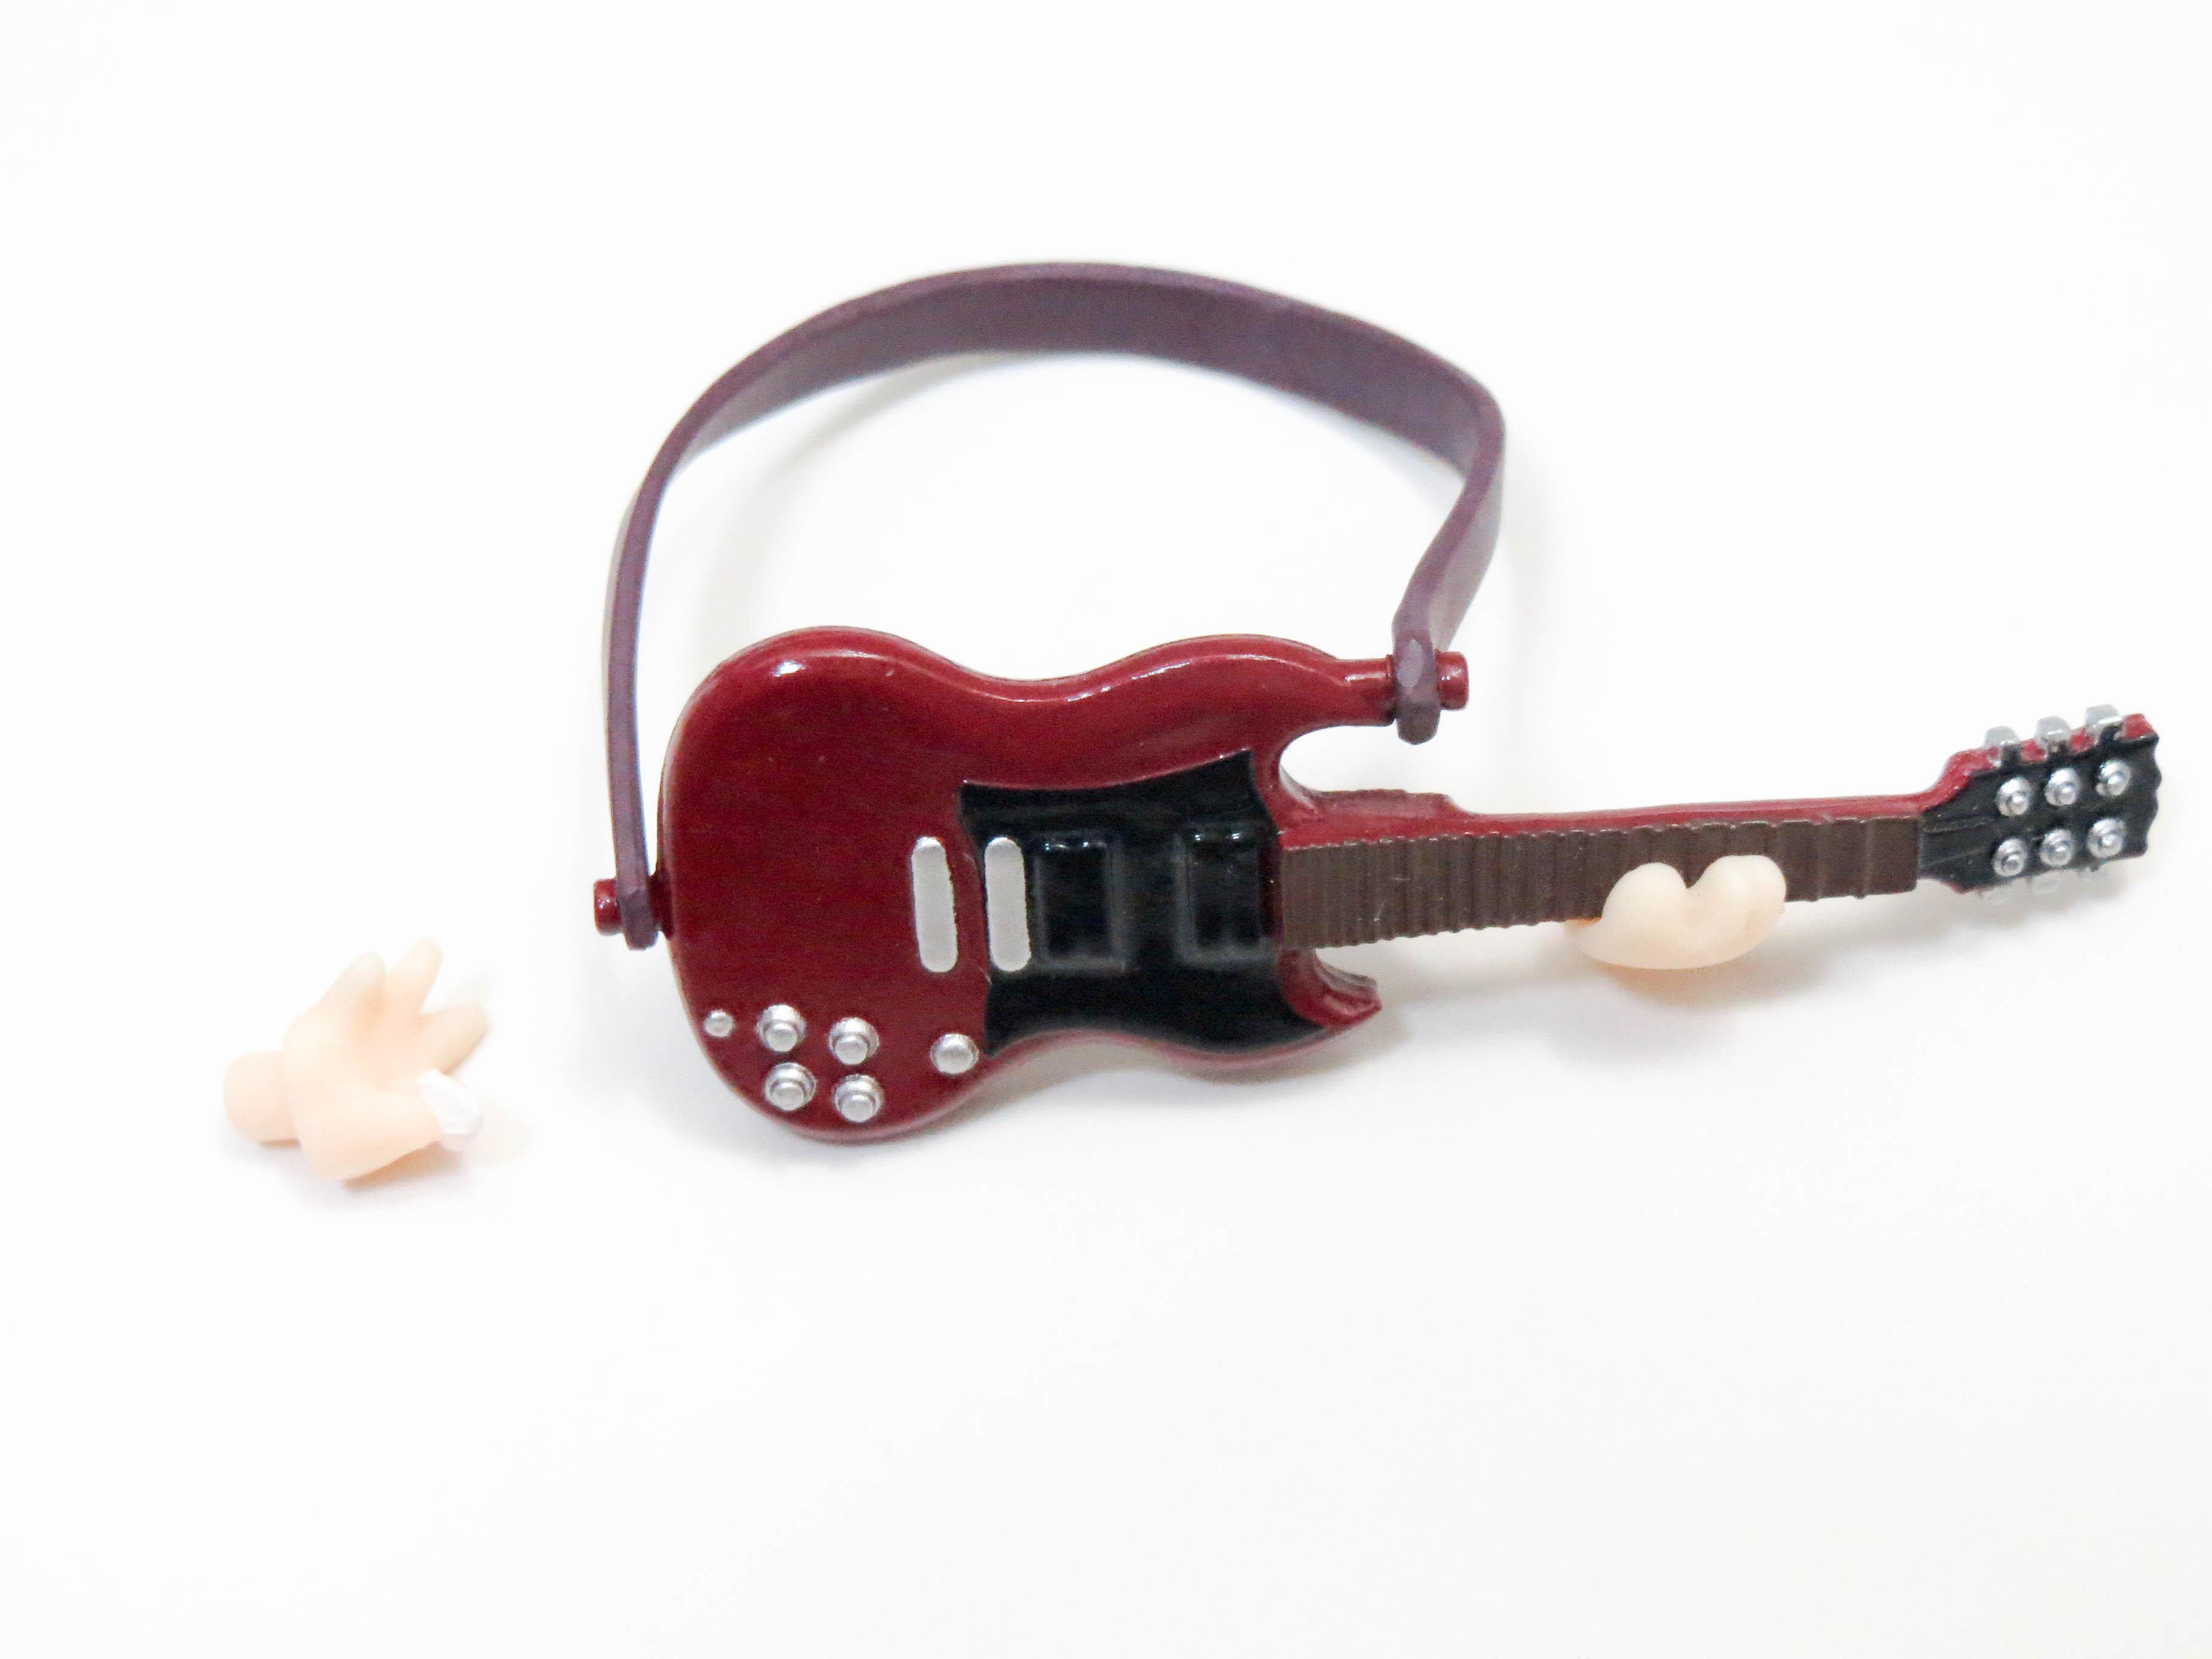 再入荷【252】 すーぱーそに子 虎パーカーVer. 小物パーツ ギター ねんどろいど